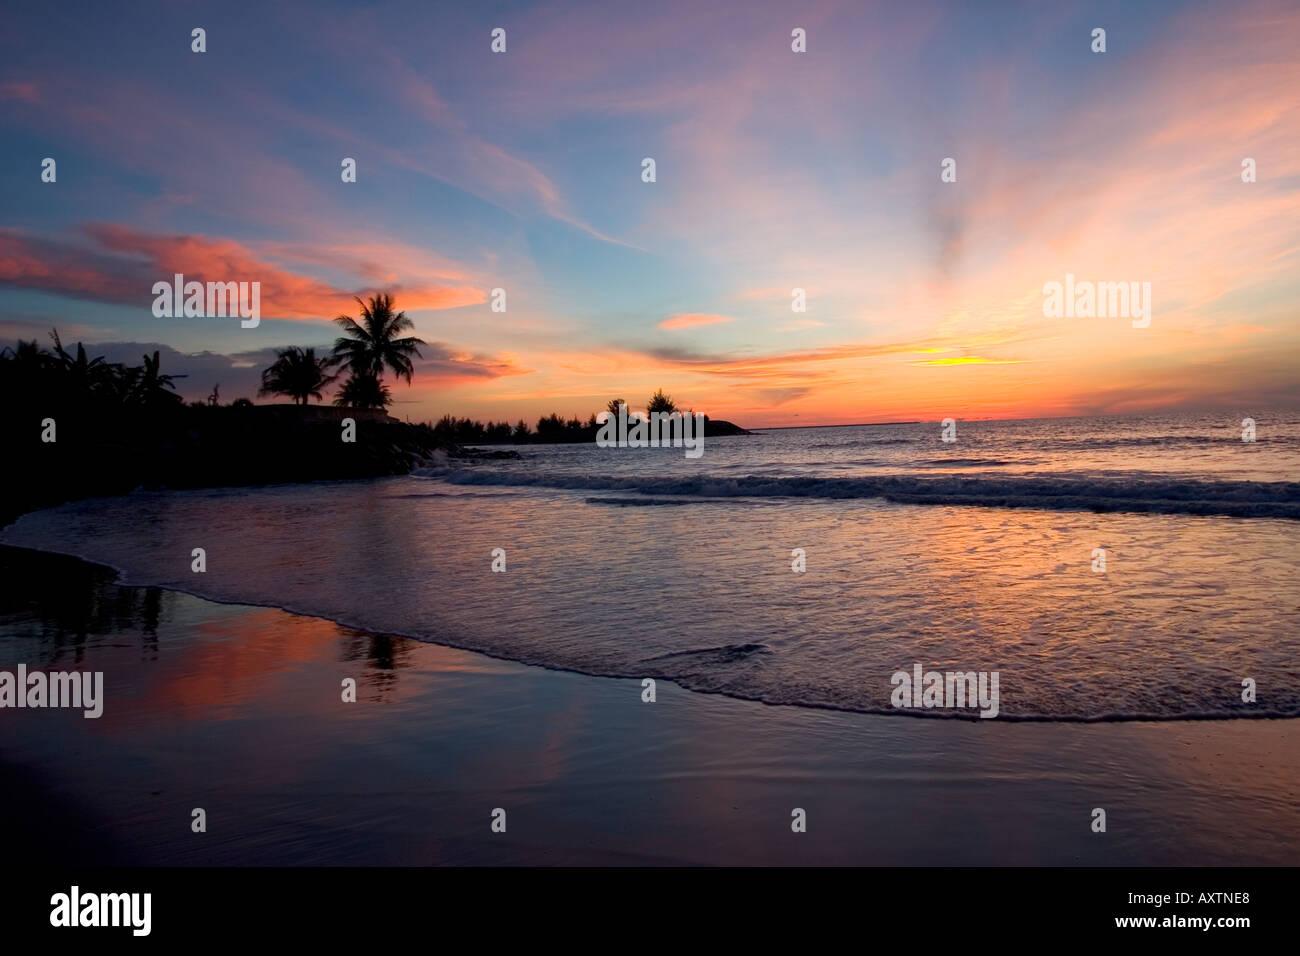 Verlassener Strand bei Sonnenuntergang, Borneo, South East Asia Stockbild